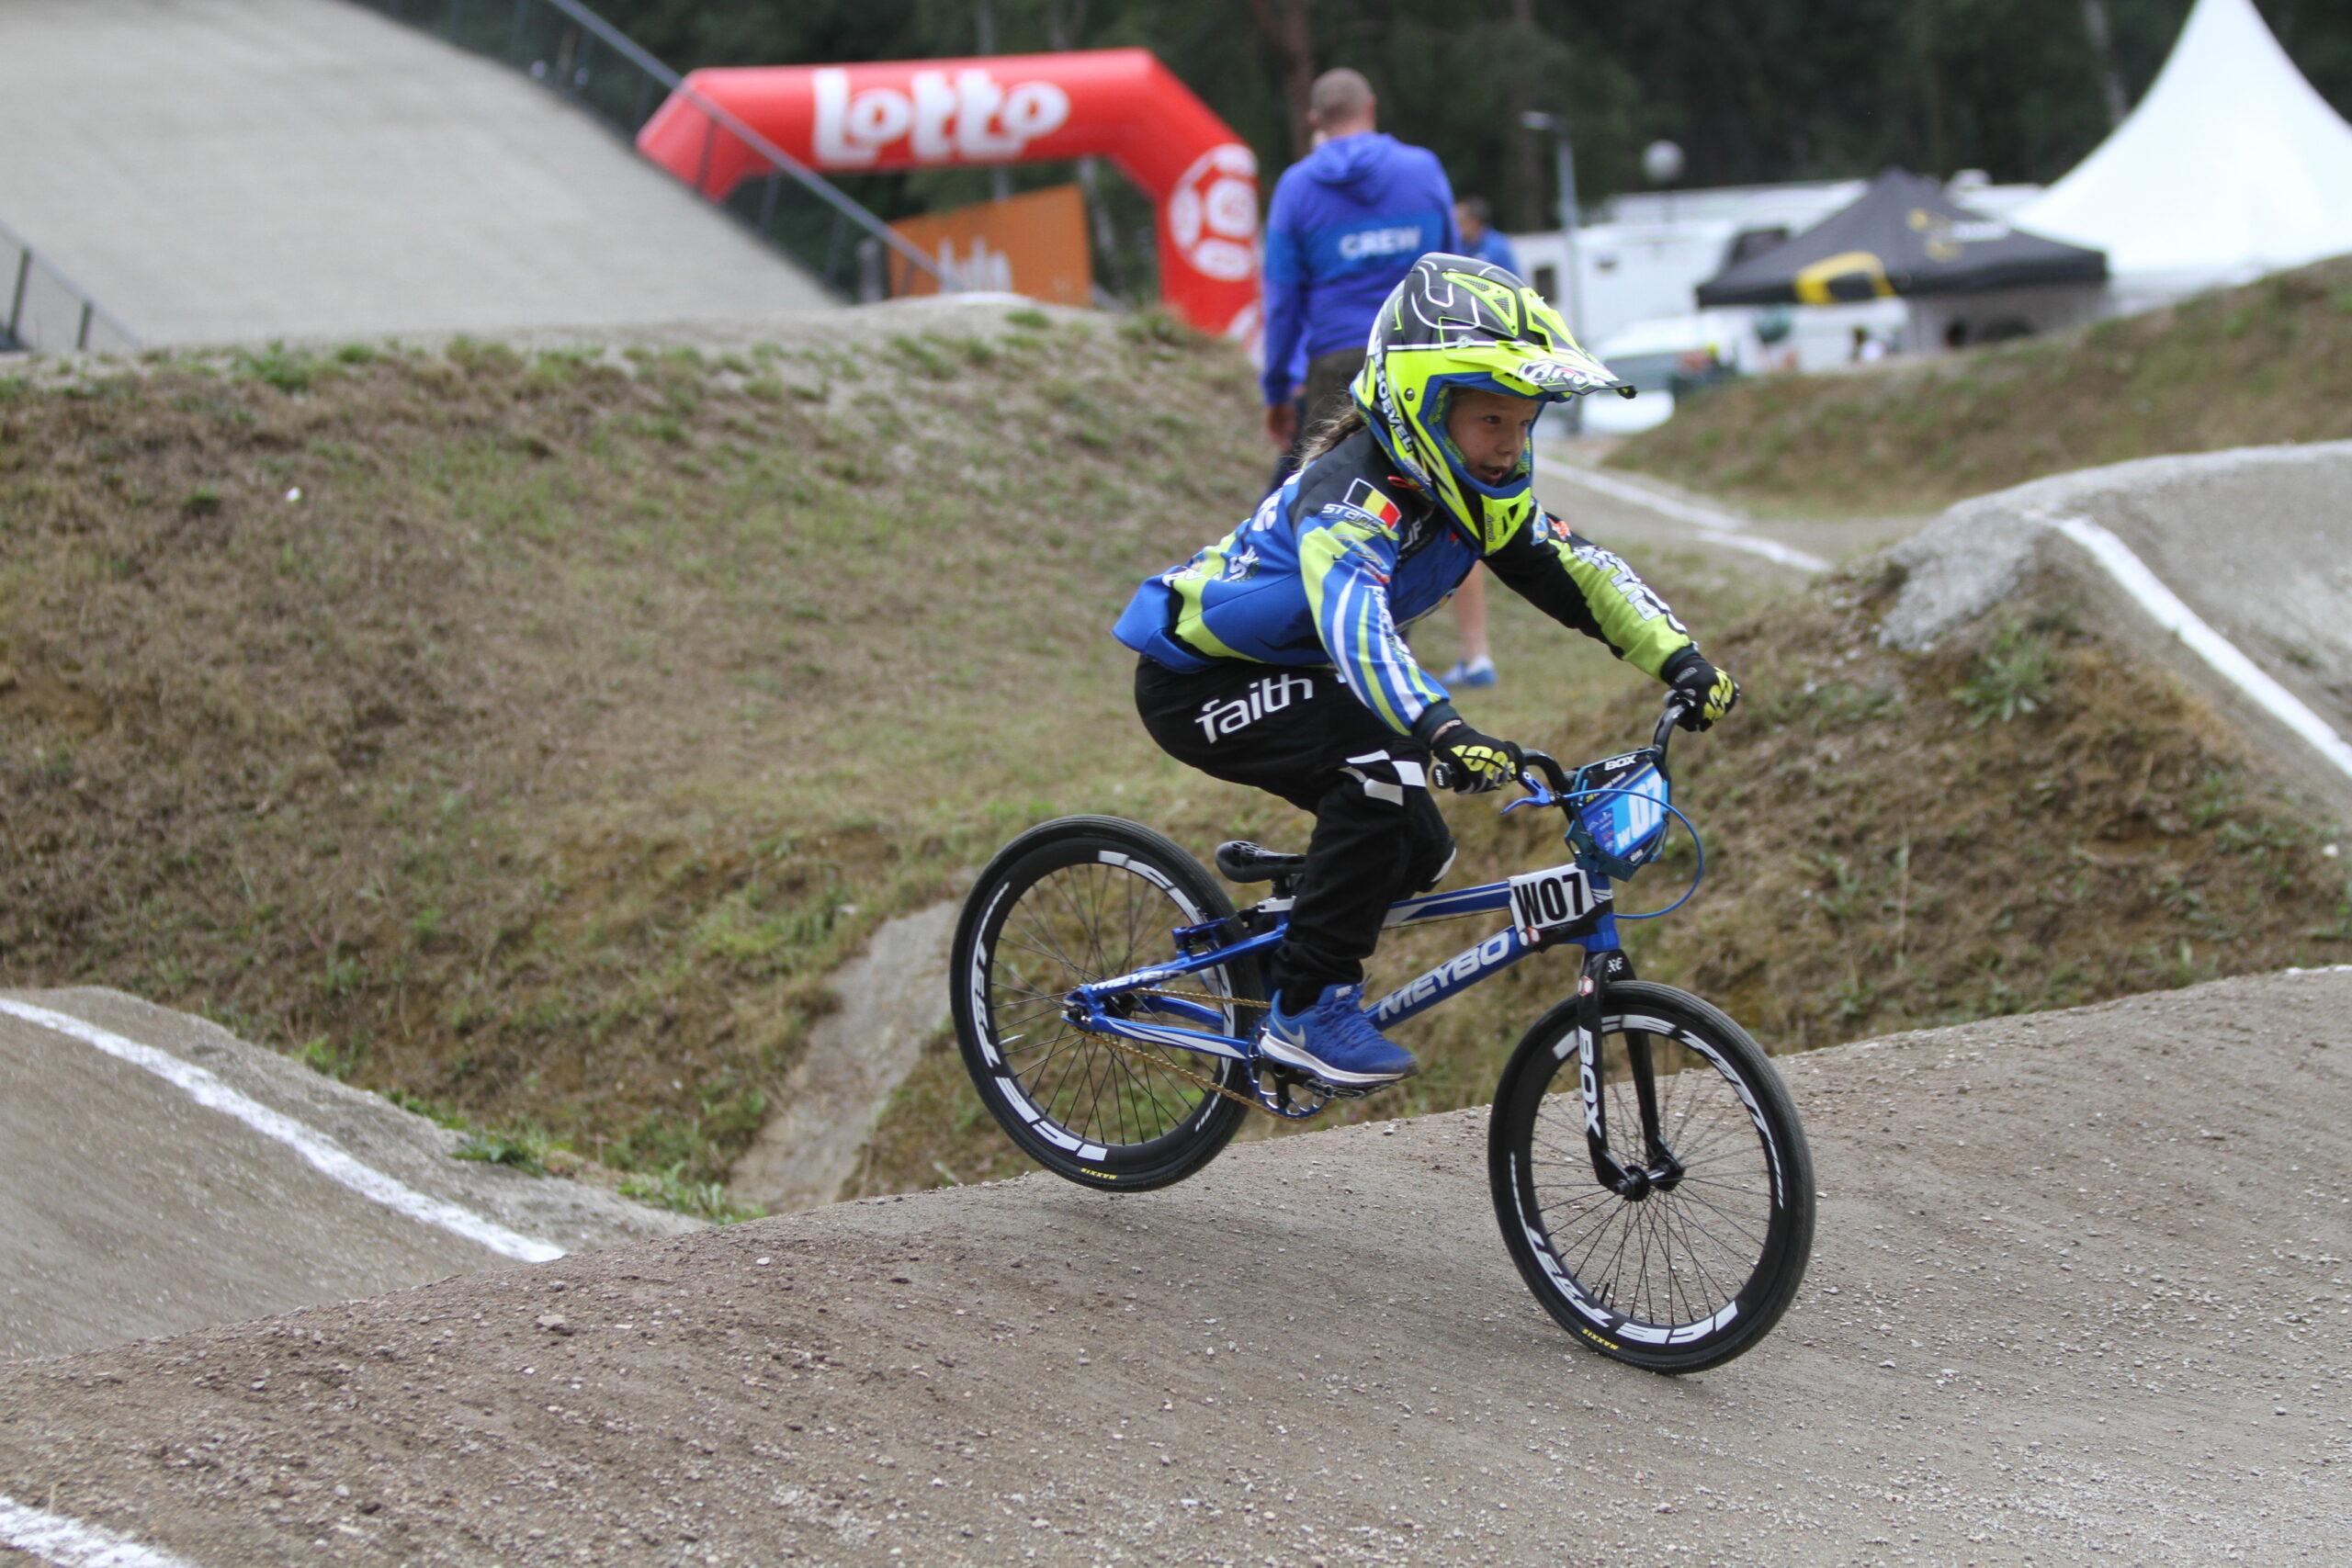 Weer geen EuropaCup BMX in Zolder